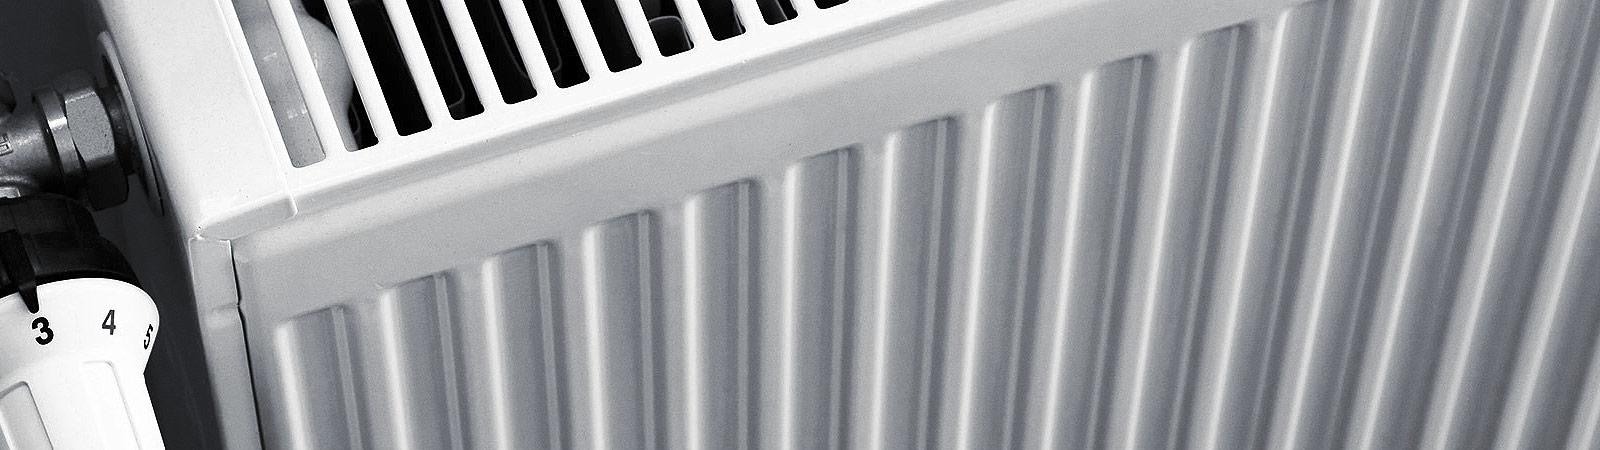 Centrale verwarming | van Deltst Installatietechniek uit Boekel